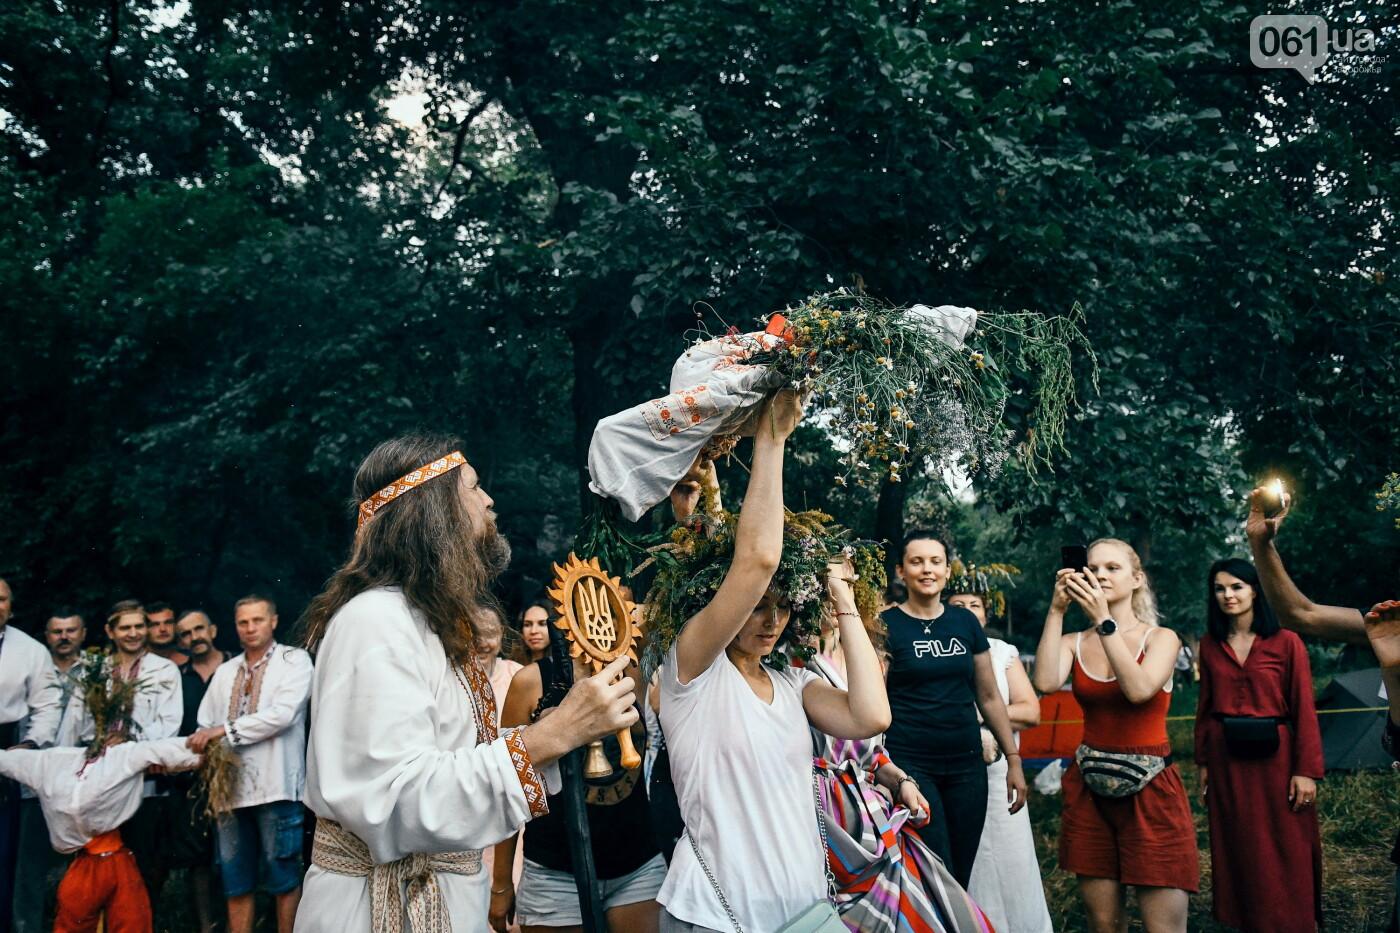 Хороводы в венках и прыжки через костер: как на Хортице отпраздновали Ивана Купала, - ФОТОРЕПОРТАЖ, фото-46